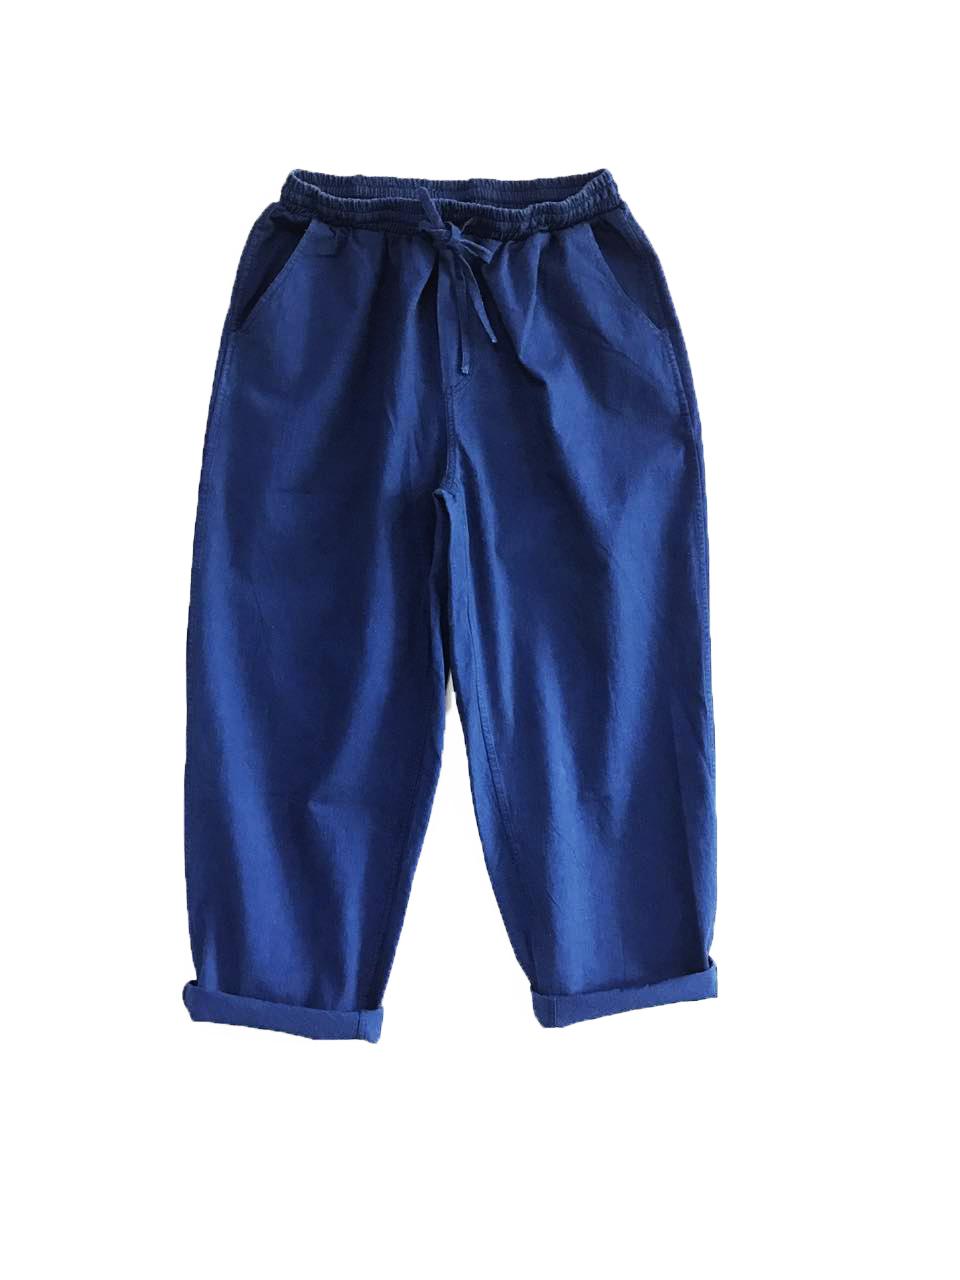 夏季不知该添哪件裤子?跟着这篇买就没错!  夏6月 第40张